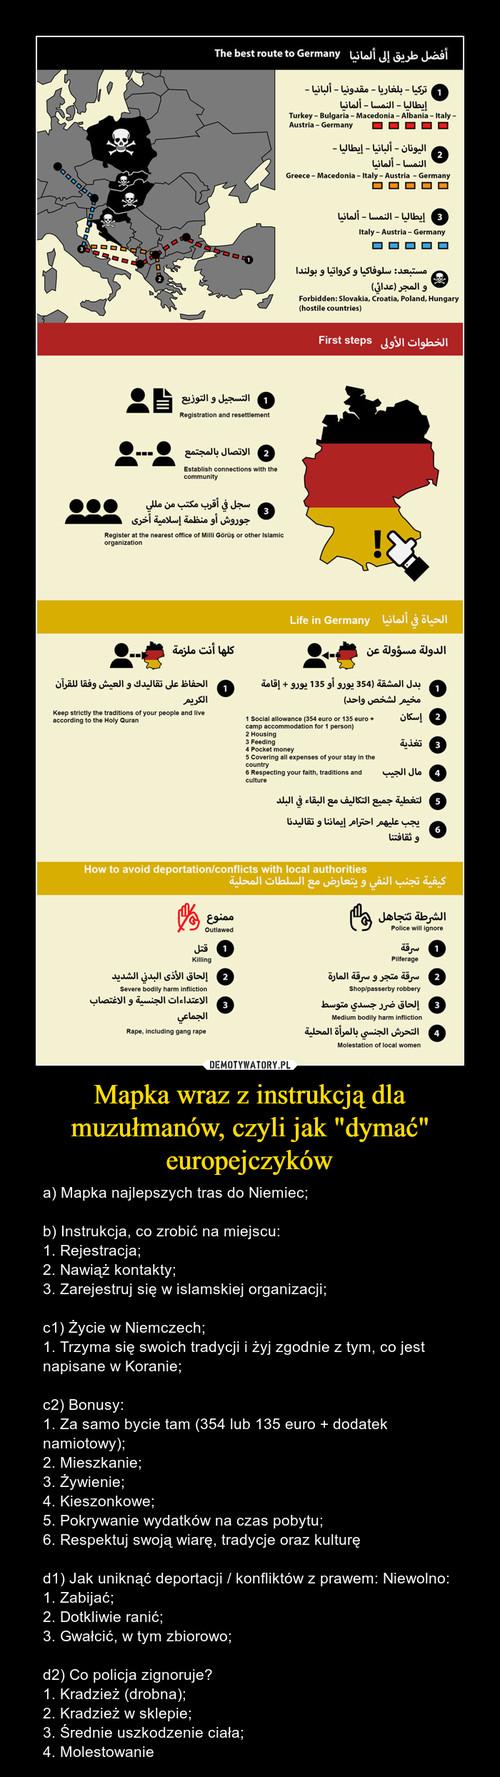 """Mapka wraz z instrukcją dla muzułmanów, czyli jak """"dymać"""" europejczyków"""